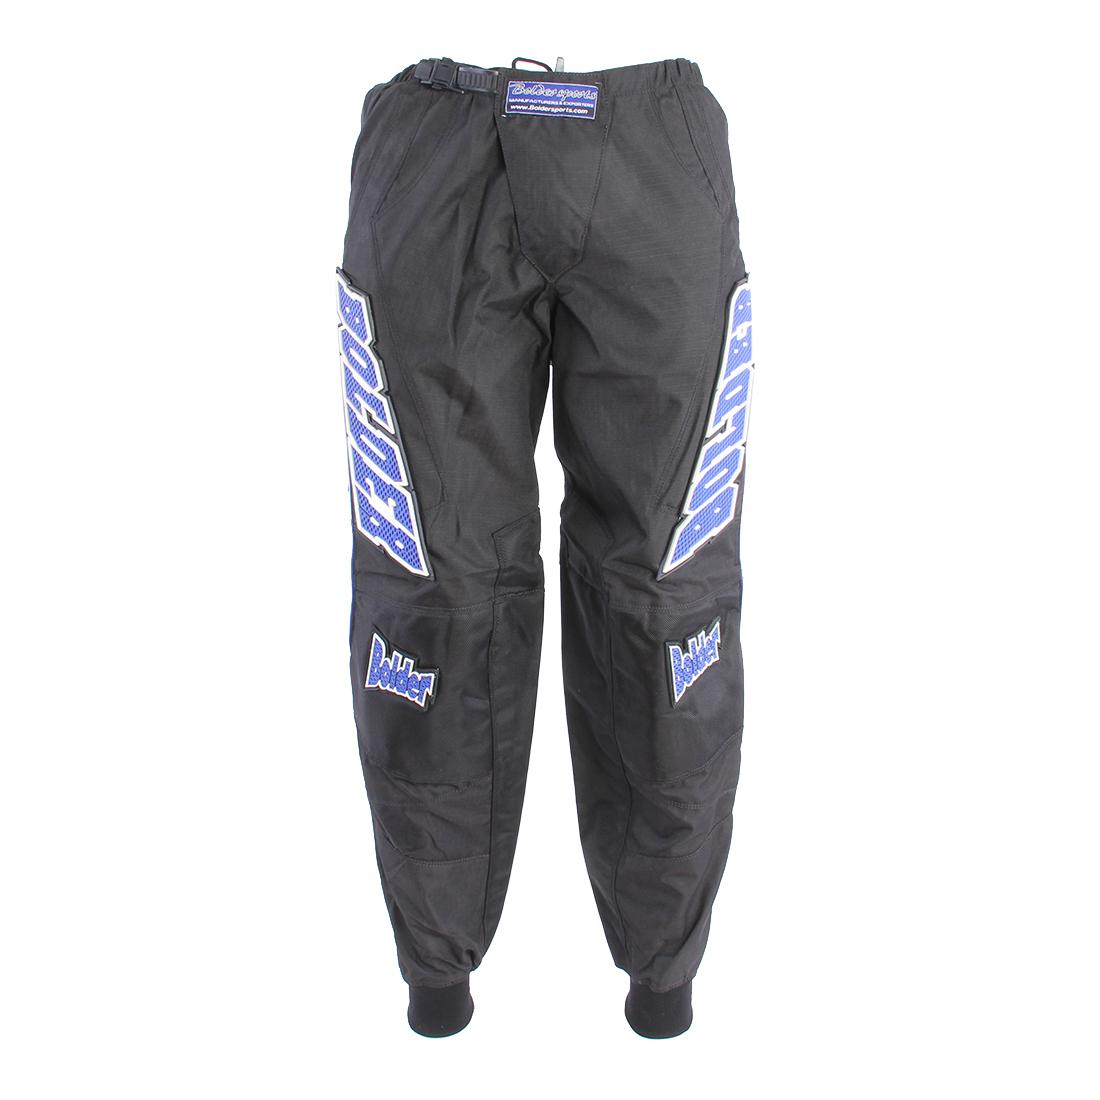 Kalhoty Motocross Kids černo - modrá - Velikost: 24